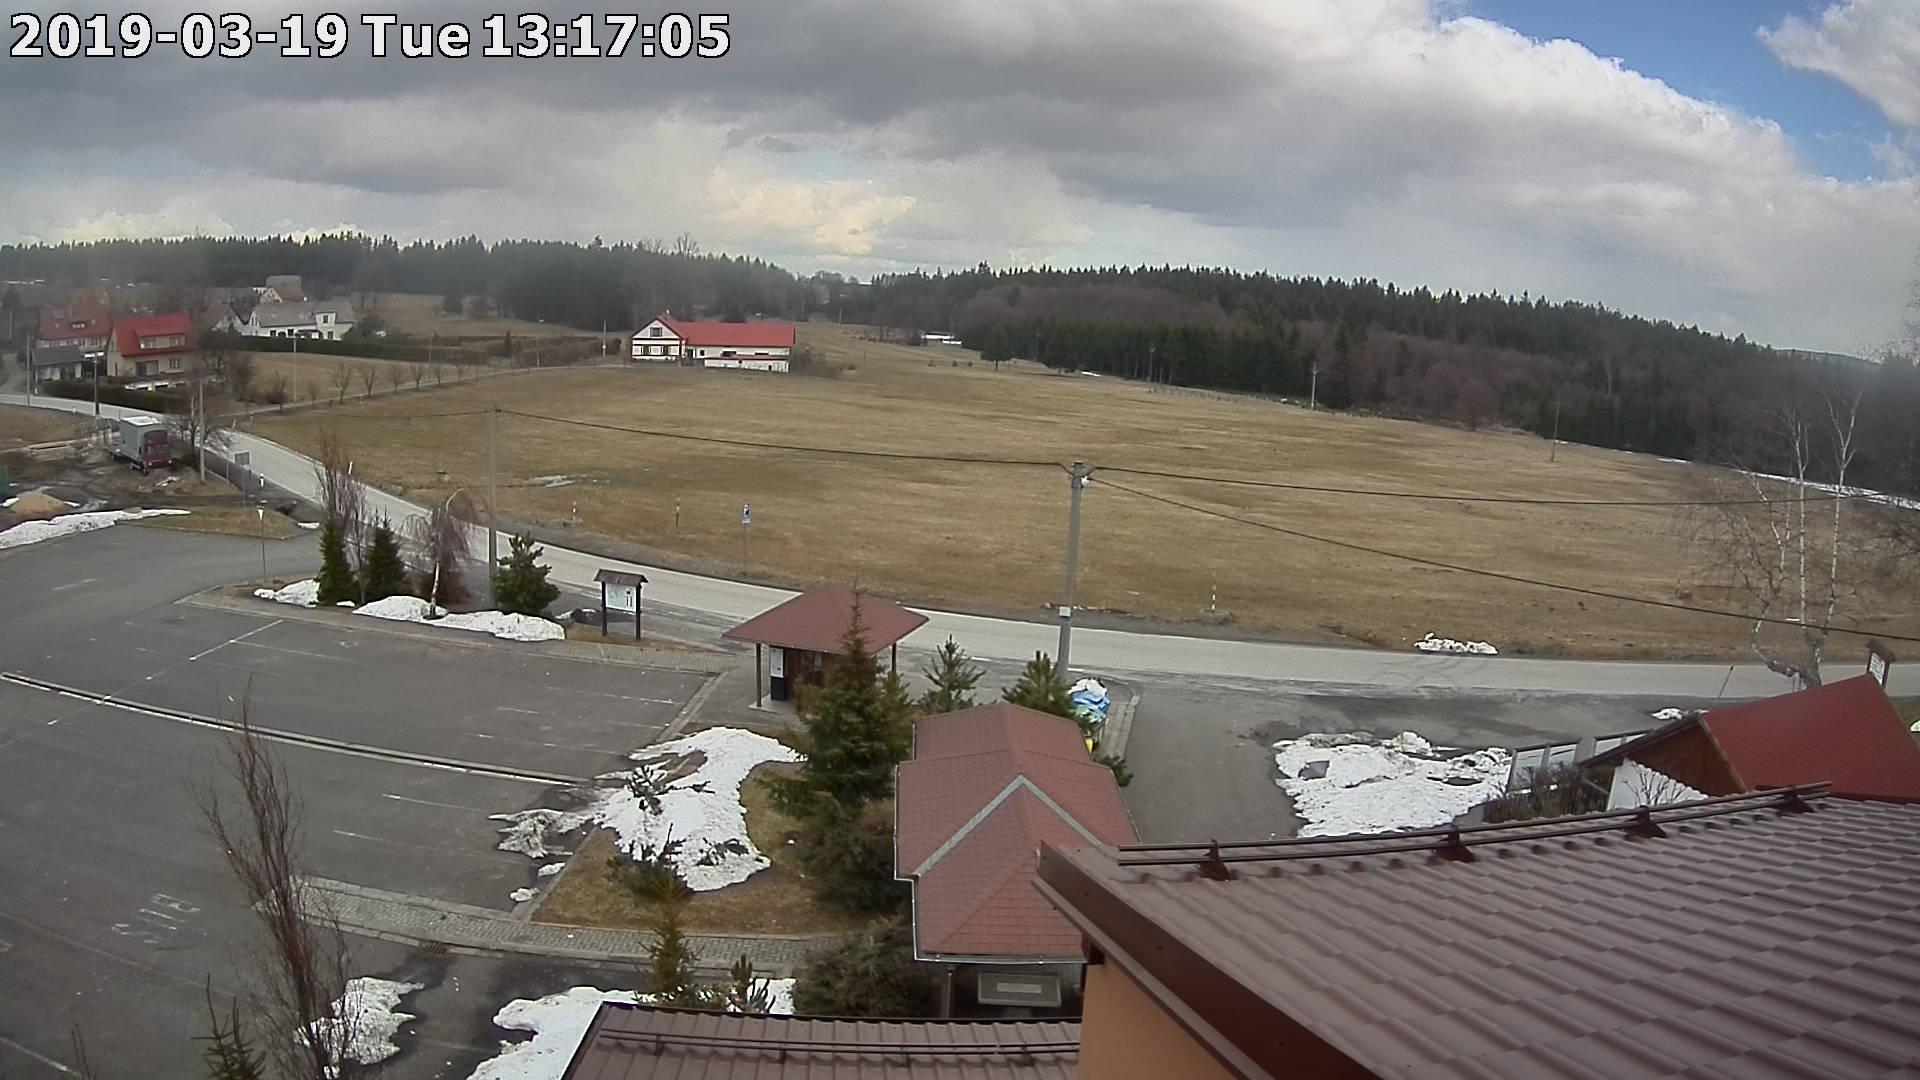 Webkamera ze dne 2019-03-19